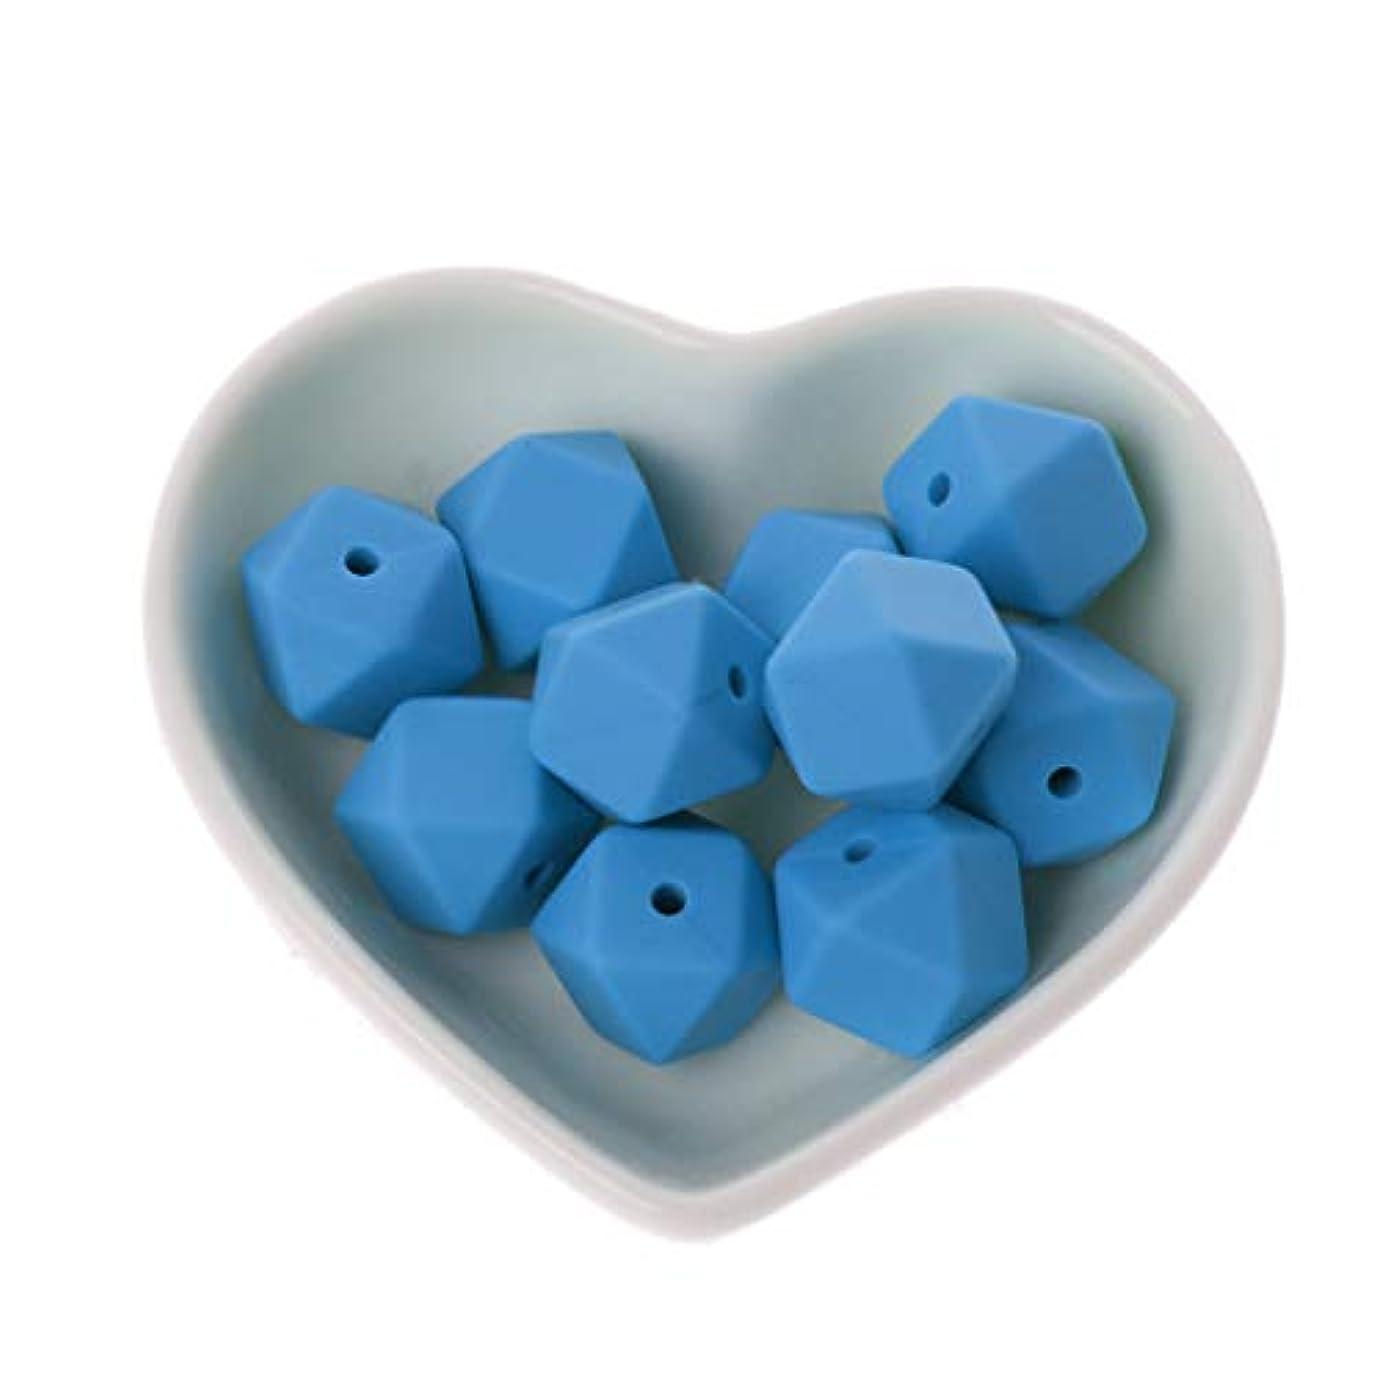 職人潤滑する破産Landdum 10個シリコーンビーズ14ミリメートル多角形シリコーンビーズ赤ちゃんのおもちゃdiyおしゃぶりチェーンアクセサリー - ベイビーブルー